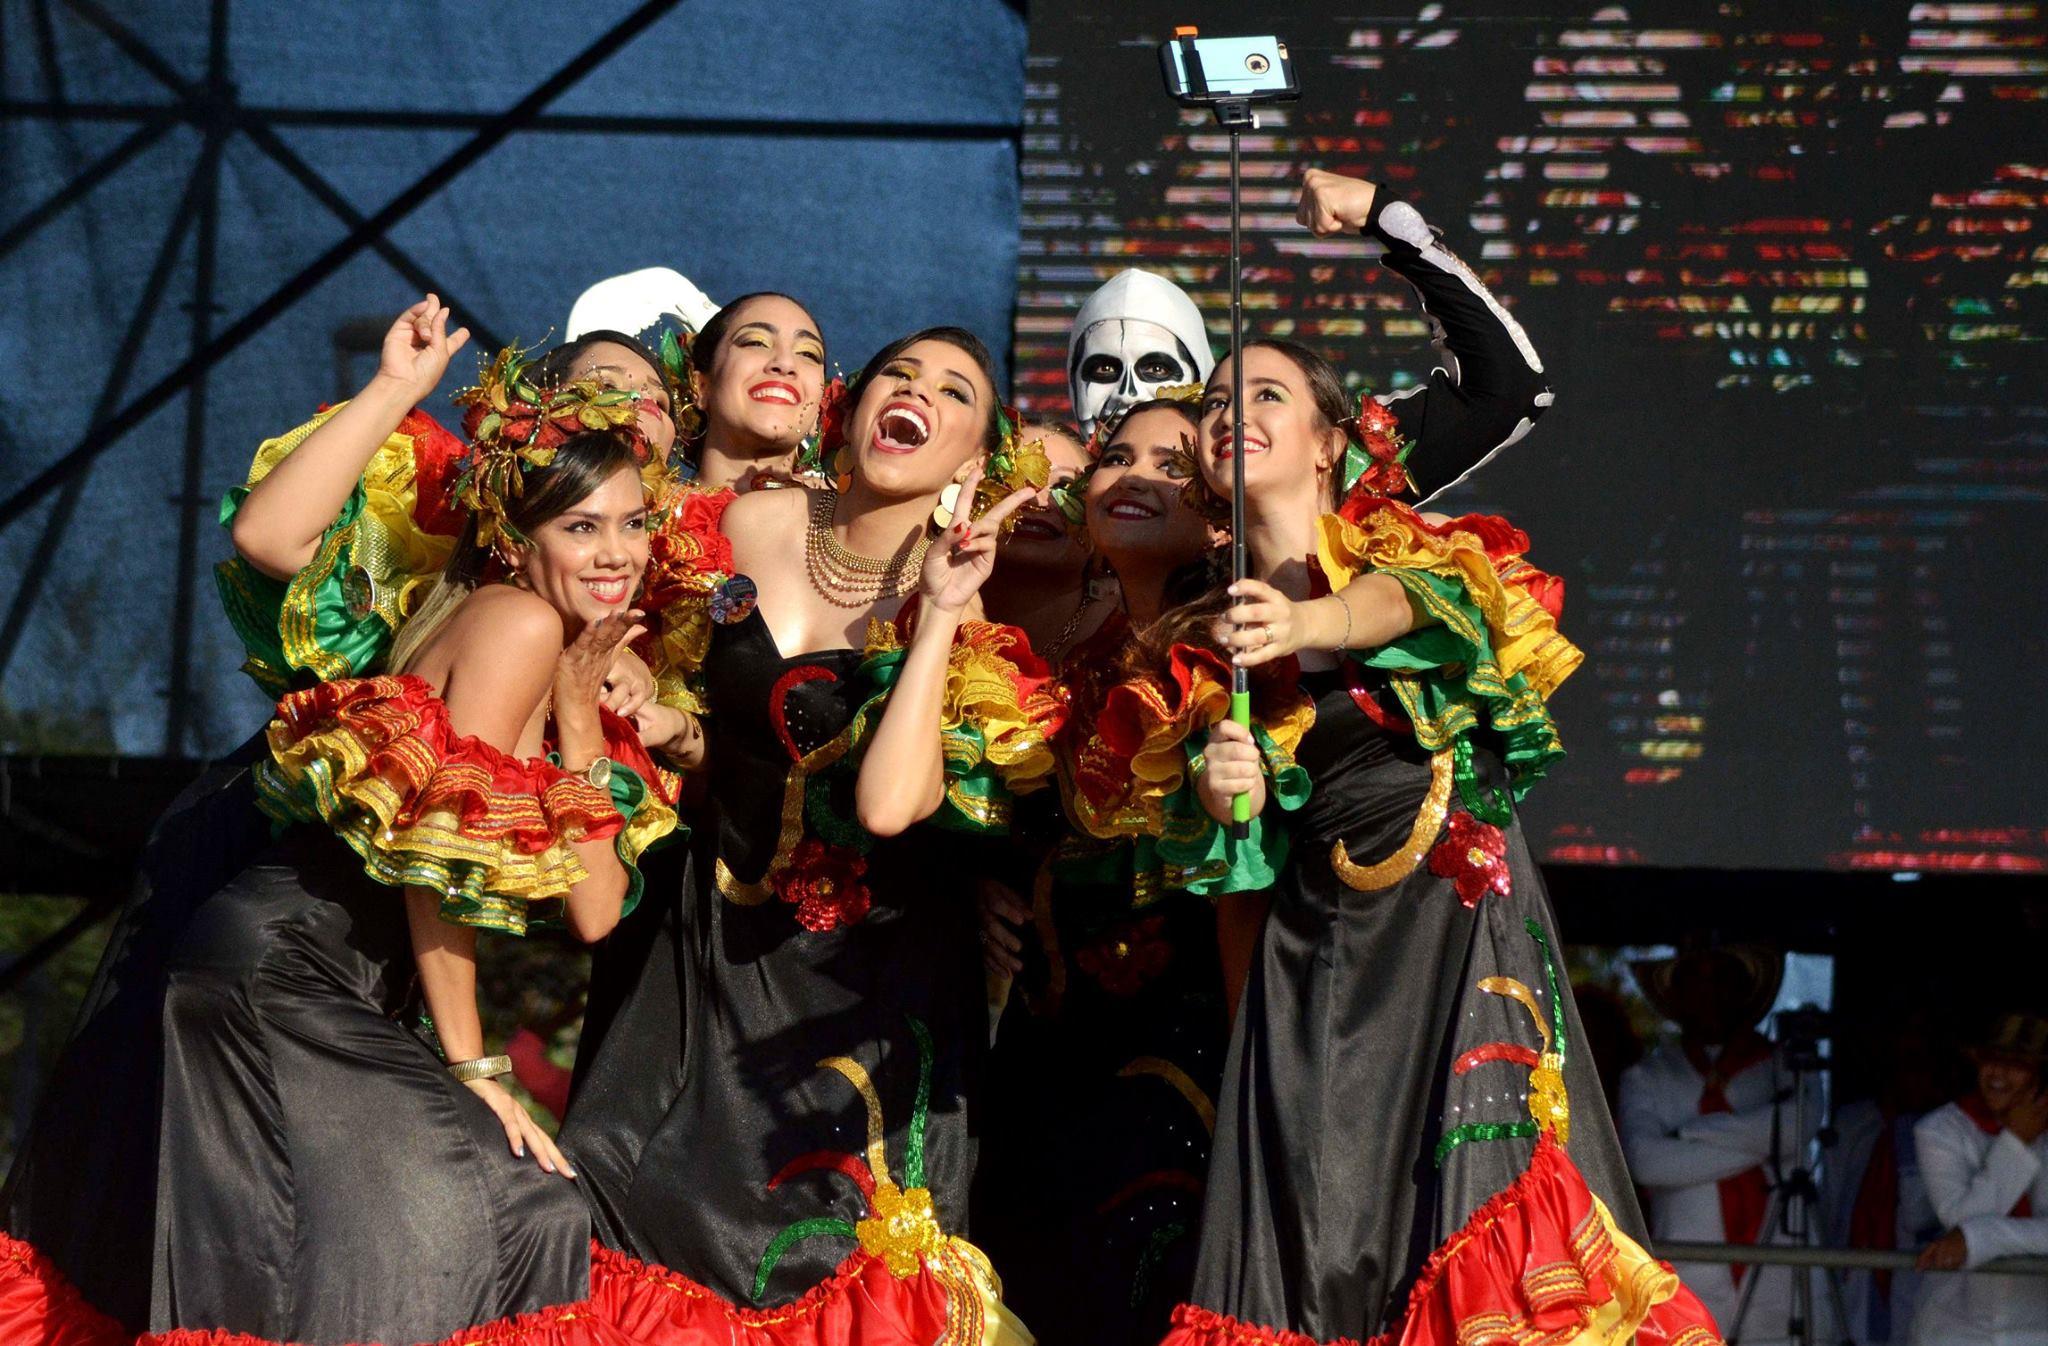 Así se vivirá el Carnaval de Barranquilla 2018 en redes sociales